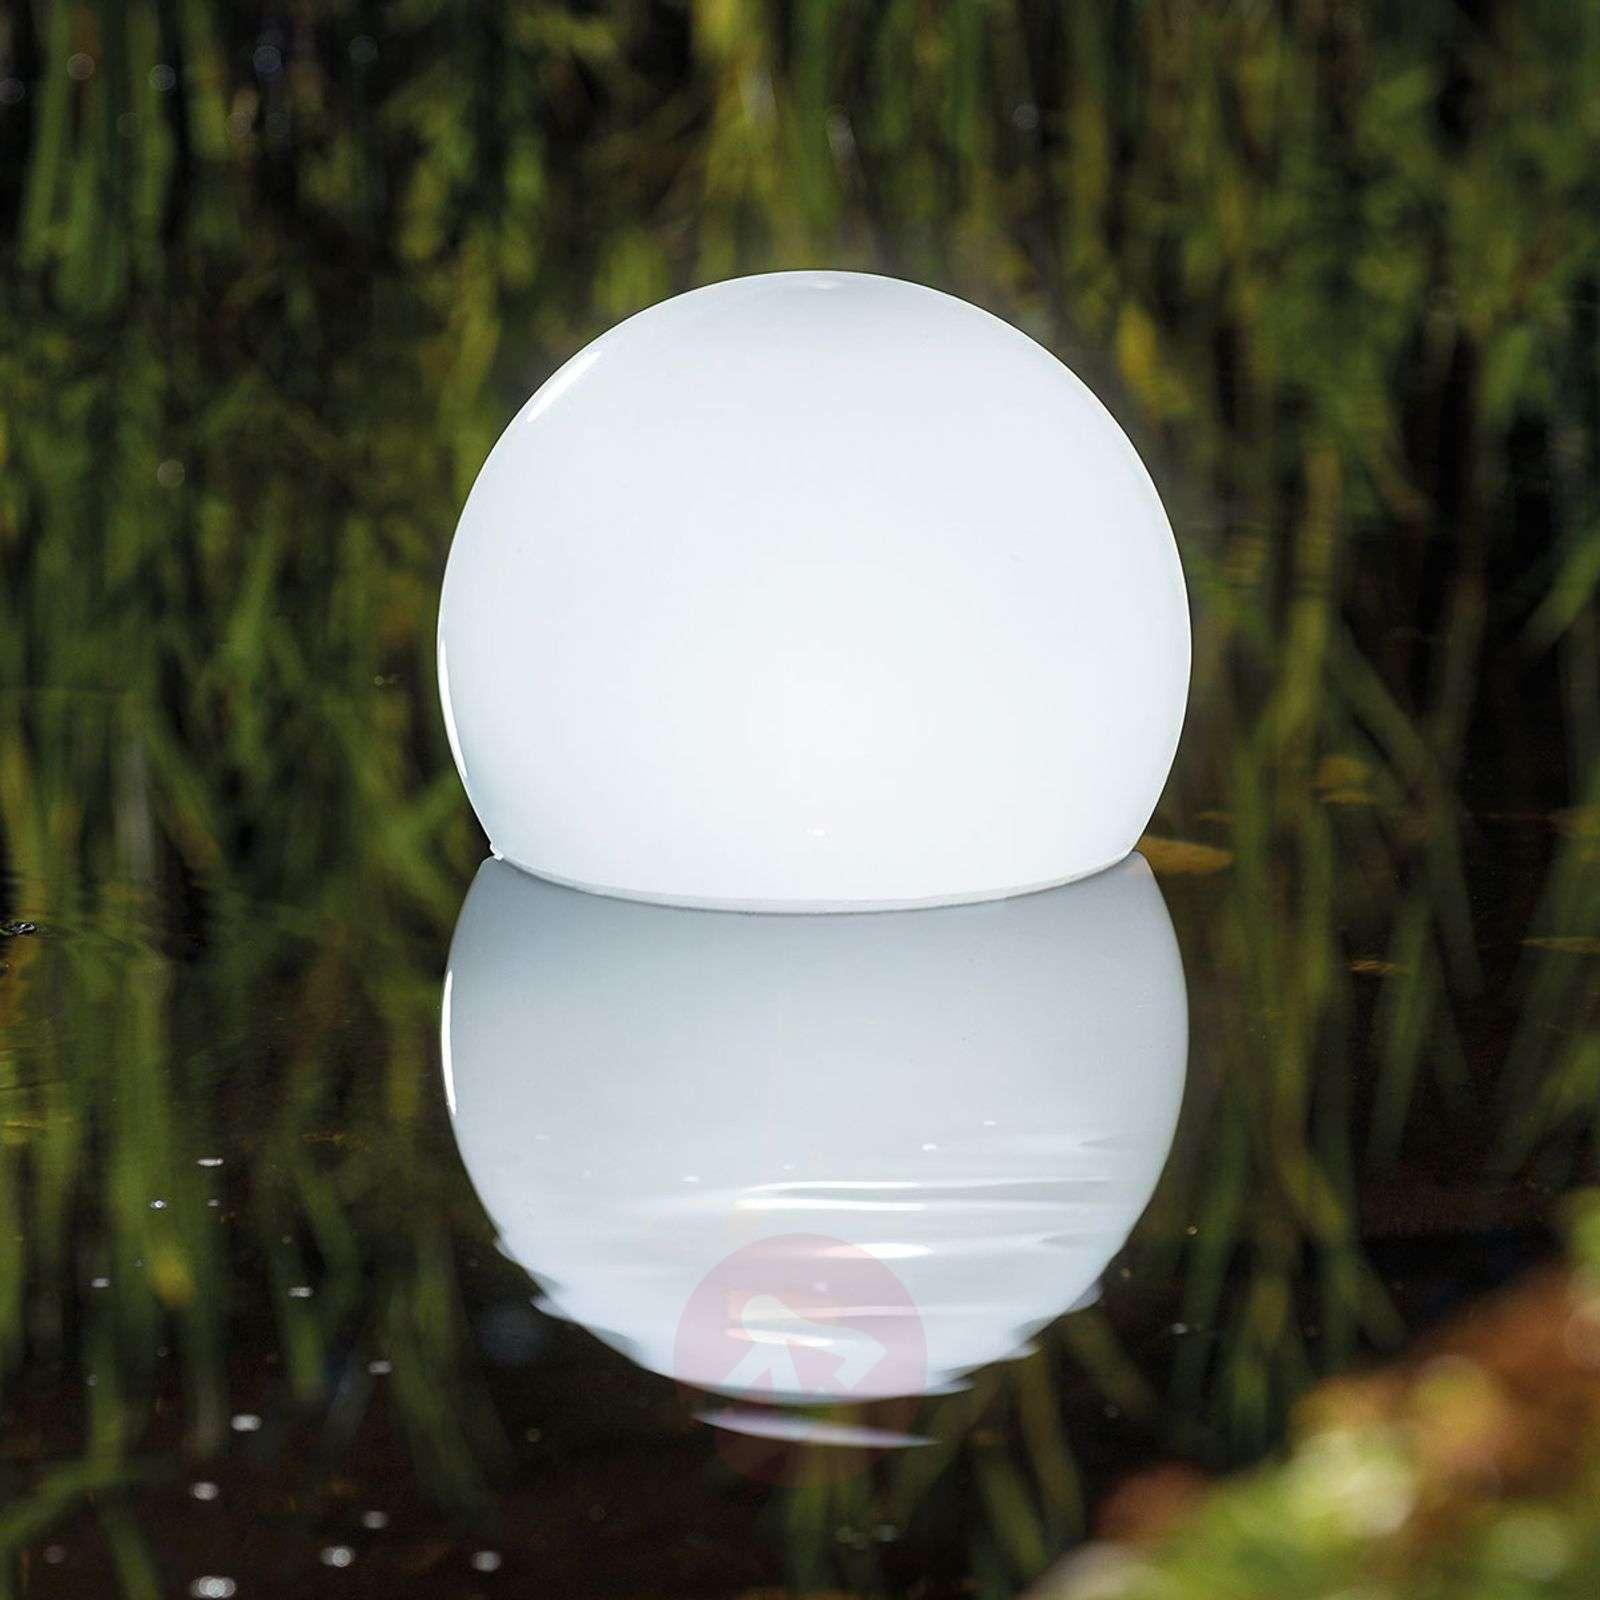 Buoyant RGB LED solar ball Float 25 remote control-3012560-01